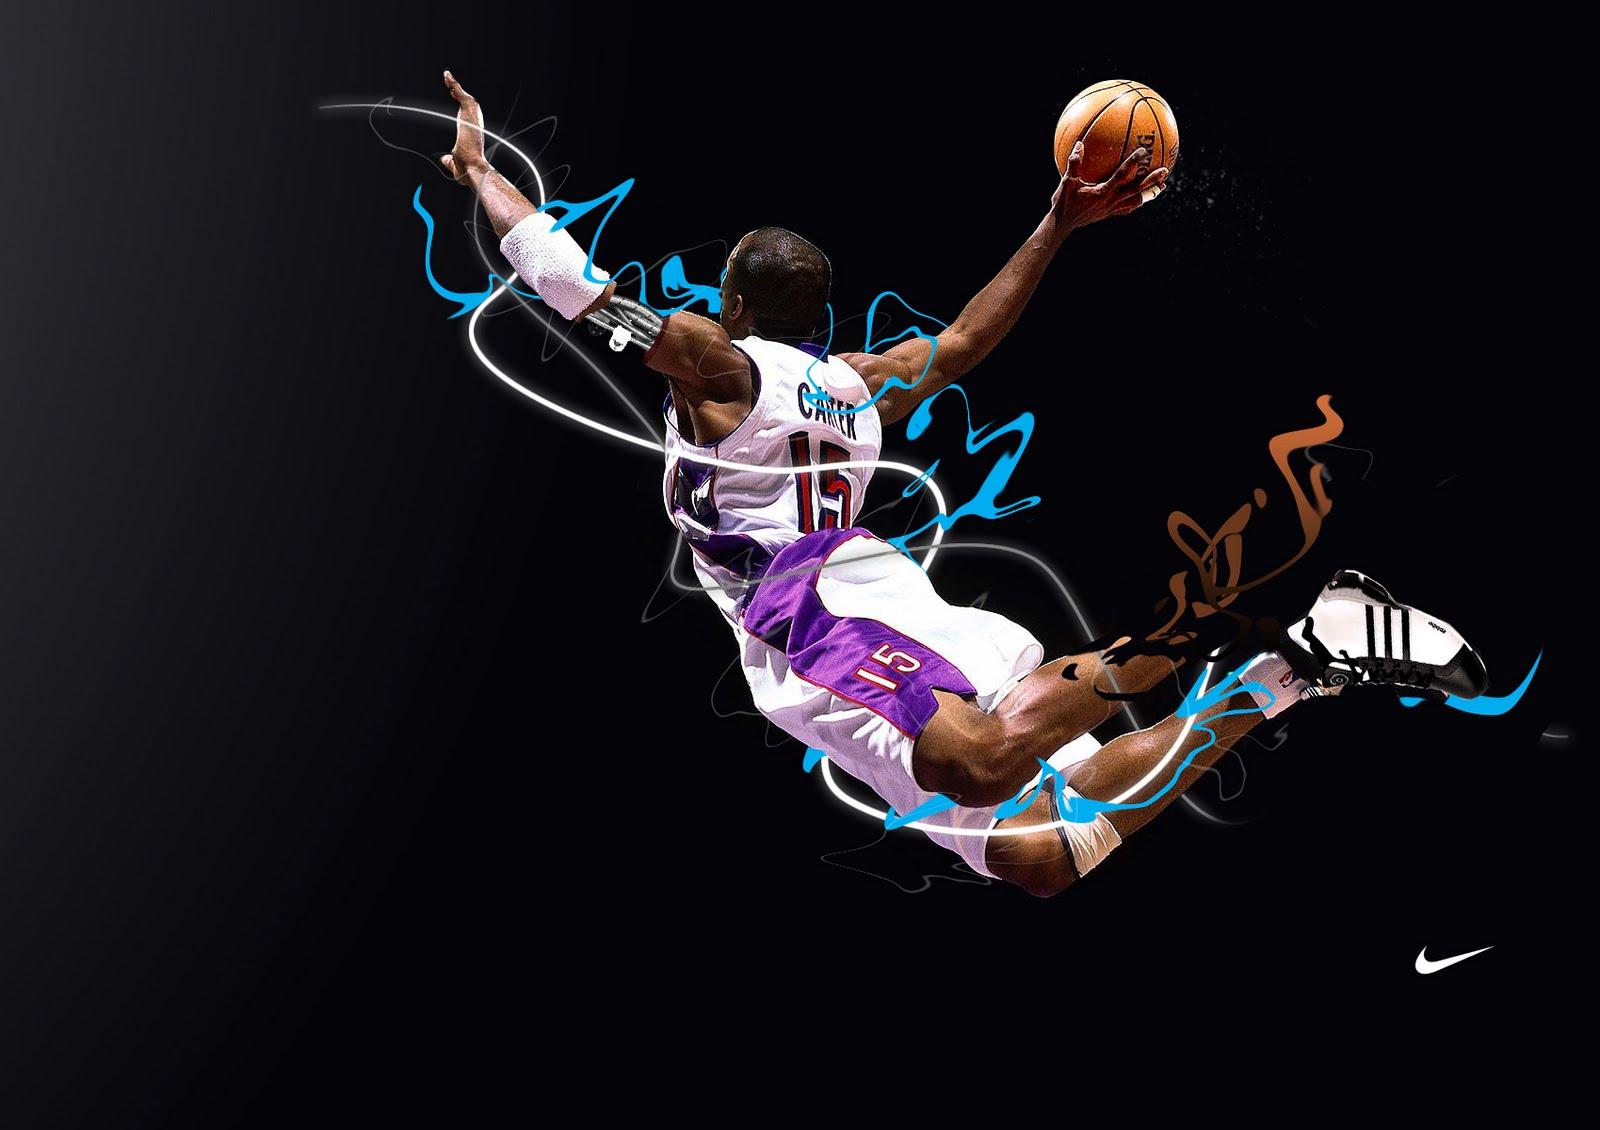 http://1.bp.blogspot.com/-tJUzyj0F6OQ/T1-D6SxFdfI/AAAAAAAADJQ/513SpyRfW78/s1600/sports+ads+-+puma+-+sport+digital+painting+-.jpg